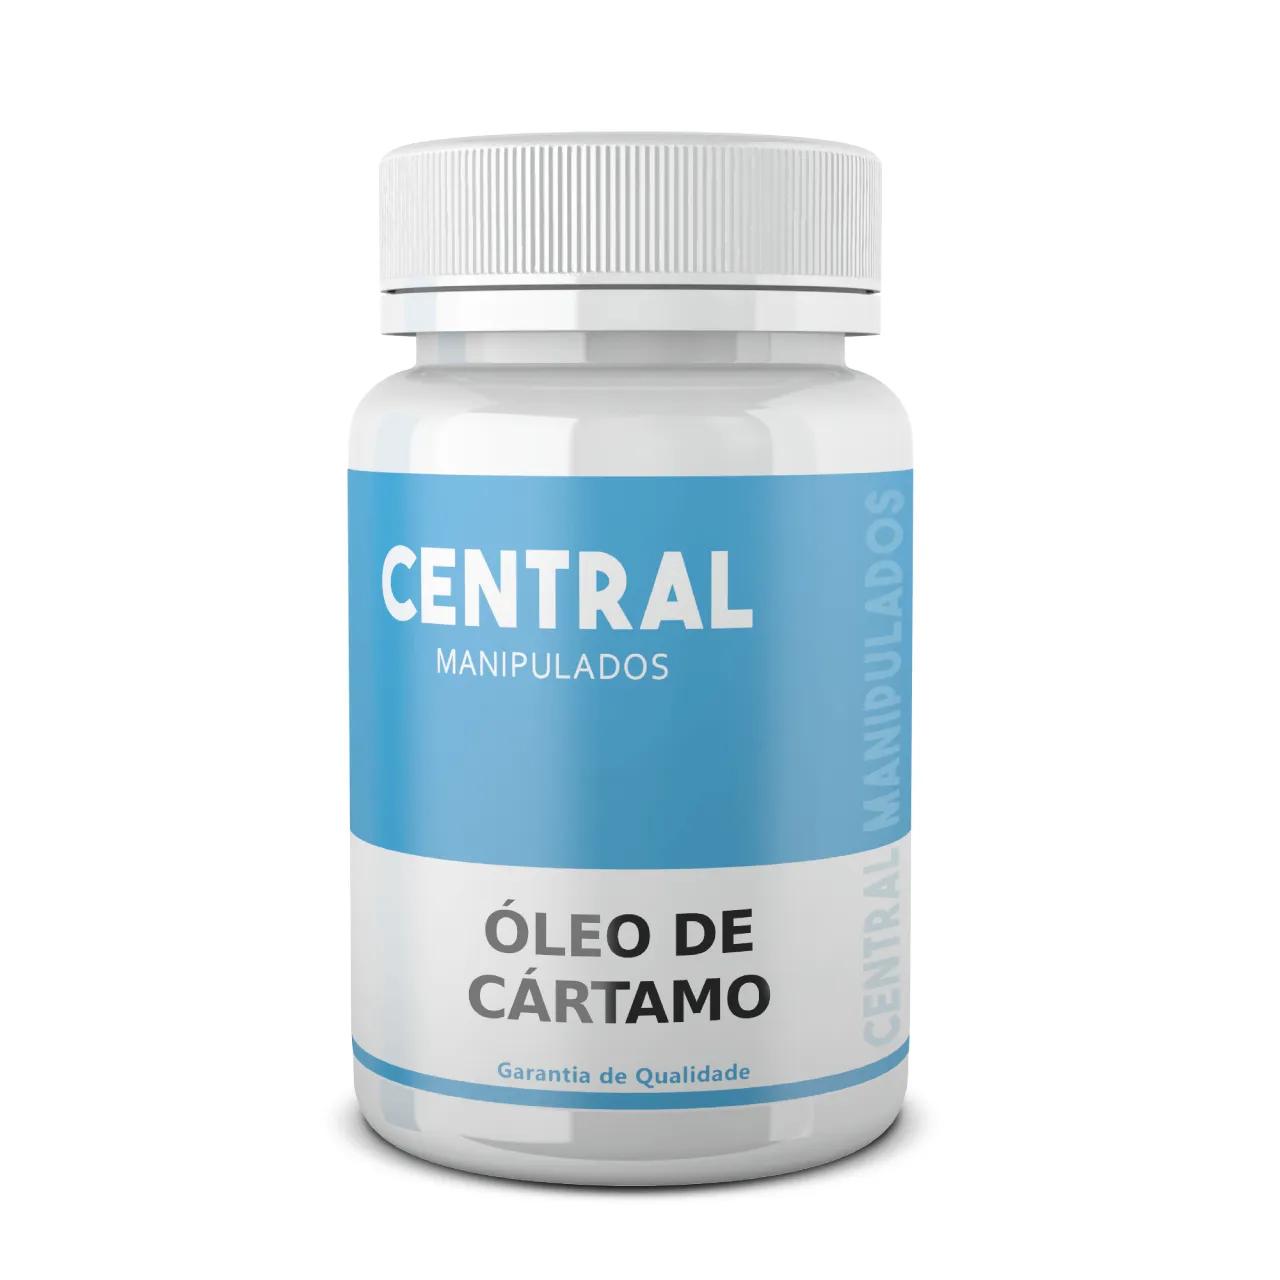 Óleo de Cártamo 1 Grama - 90 cápsulas - Queima de Gordura, Diminuição de Peso, Aumento de Massa Magra